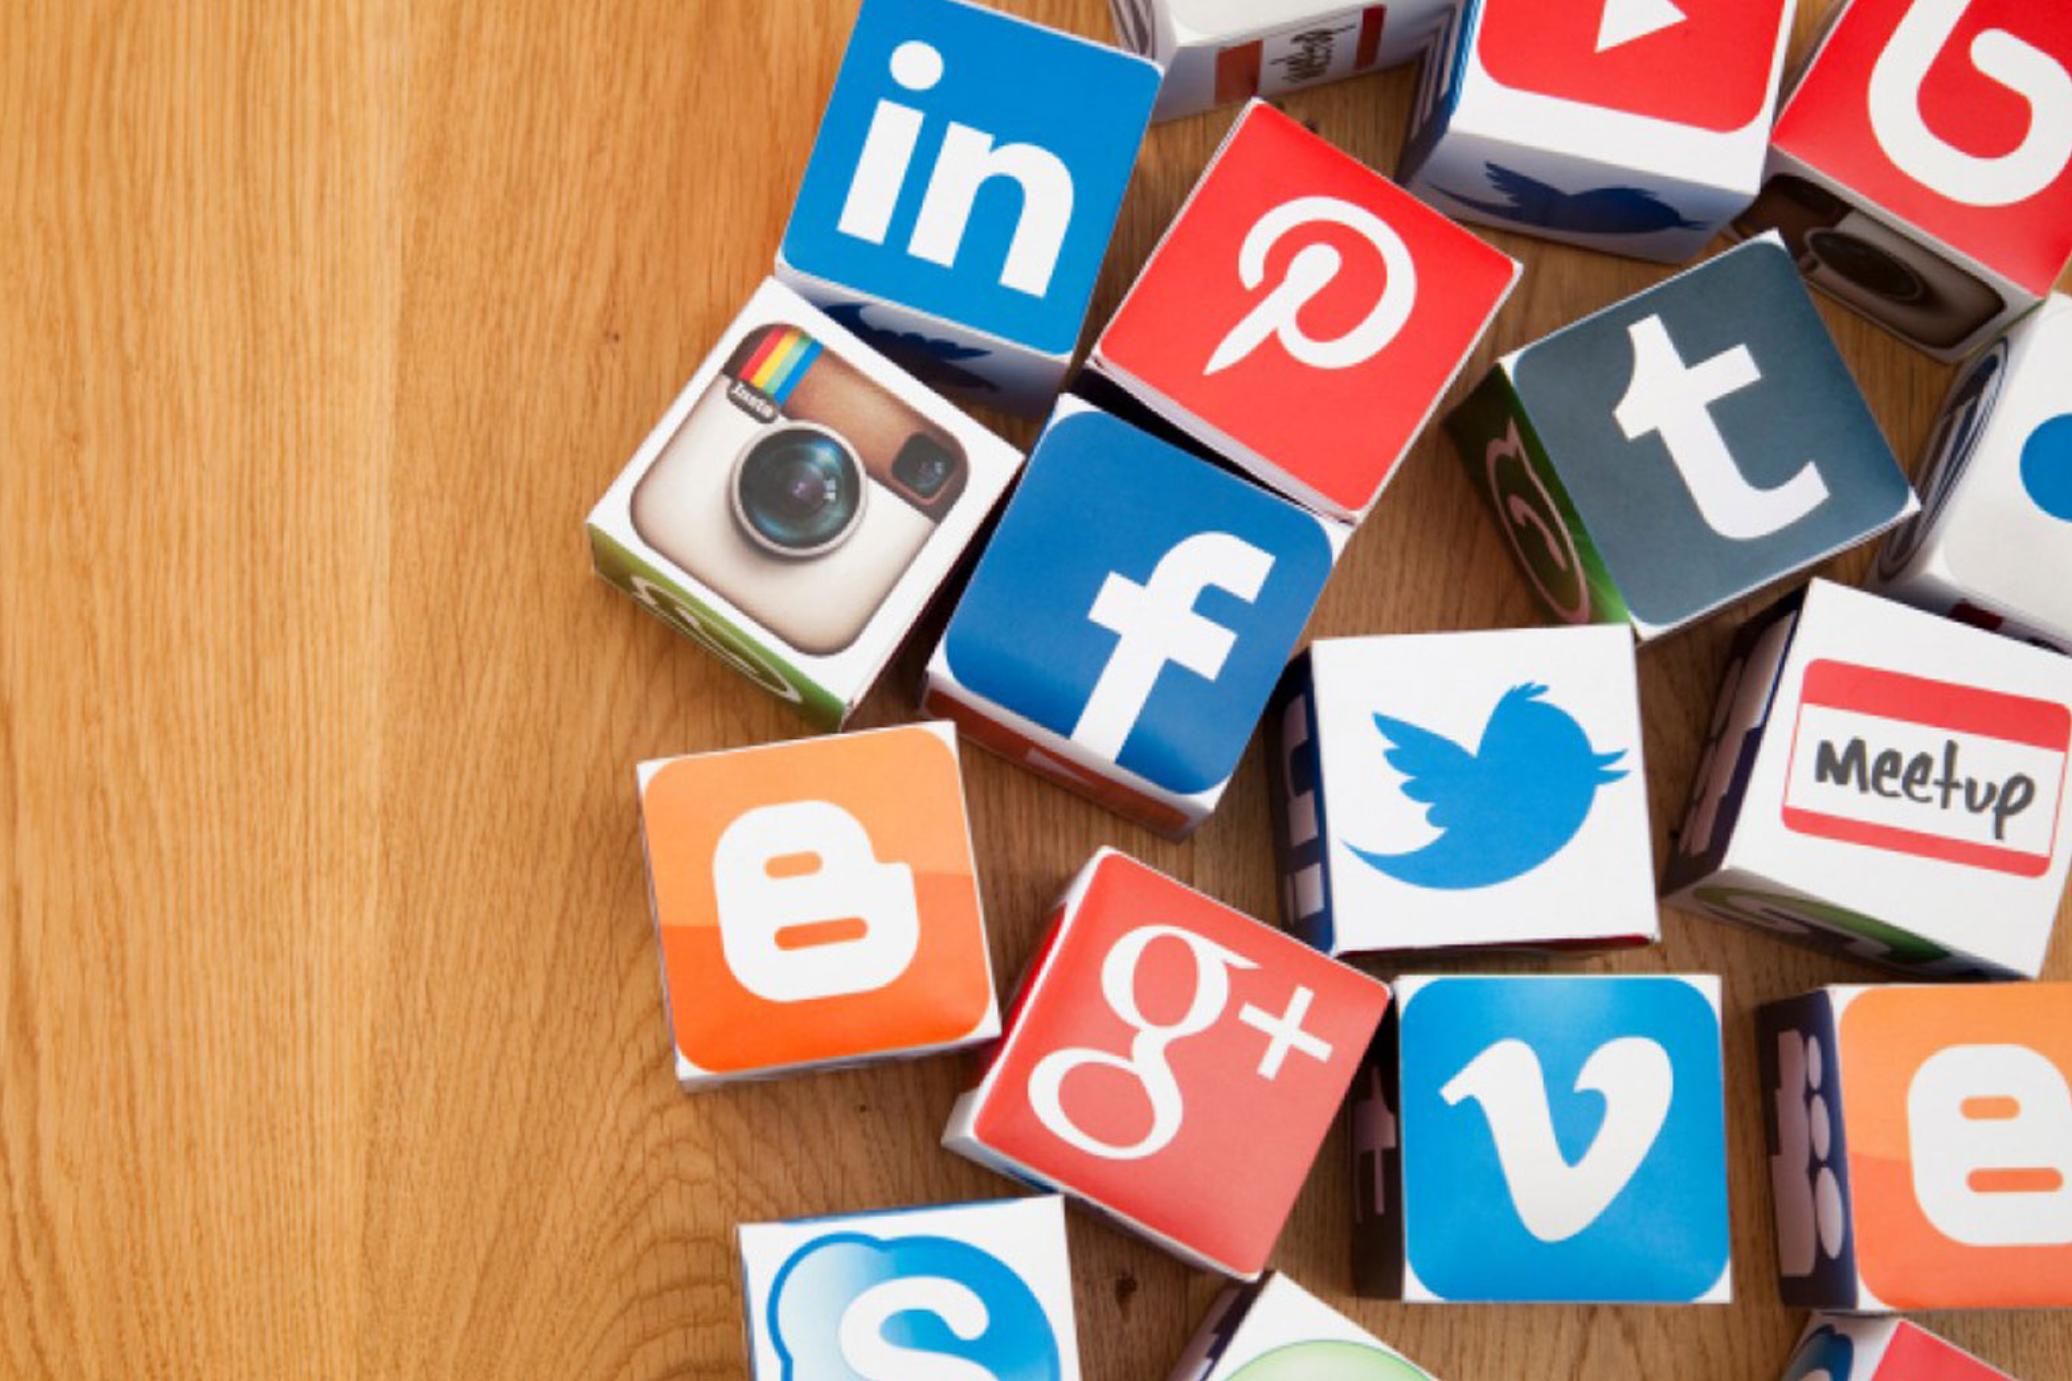 Alfa Service - Social Media Management